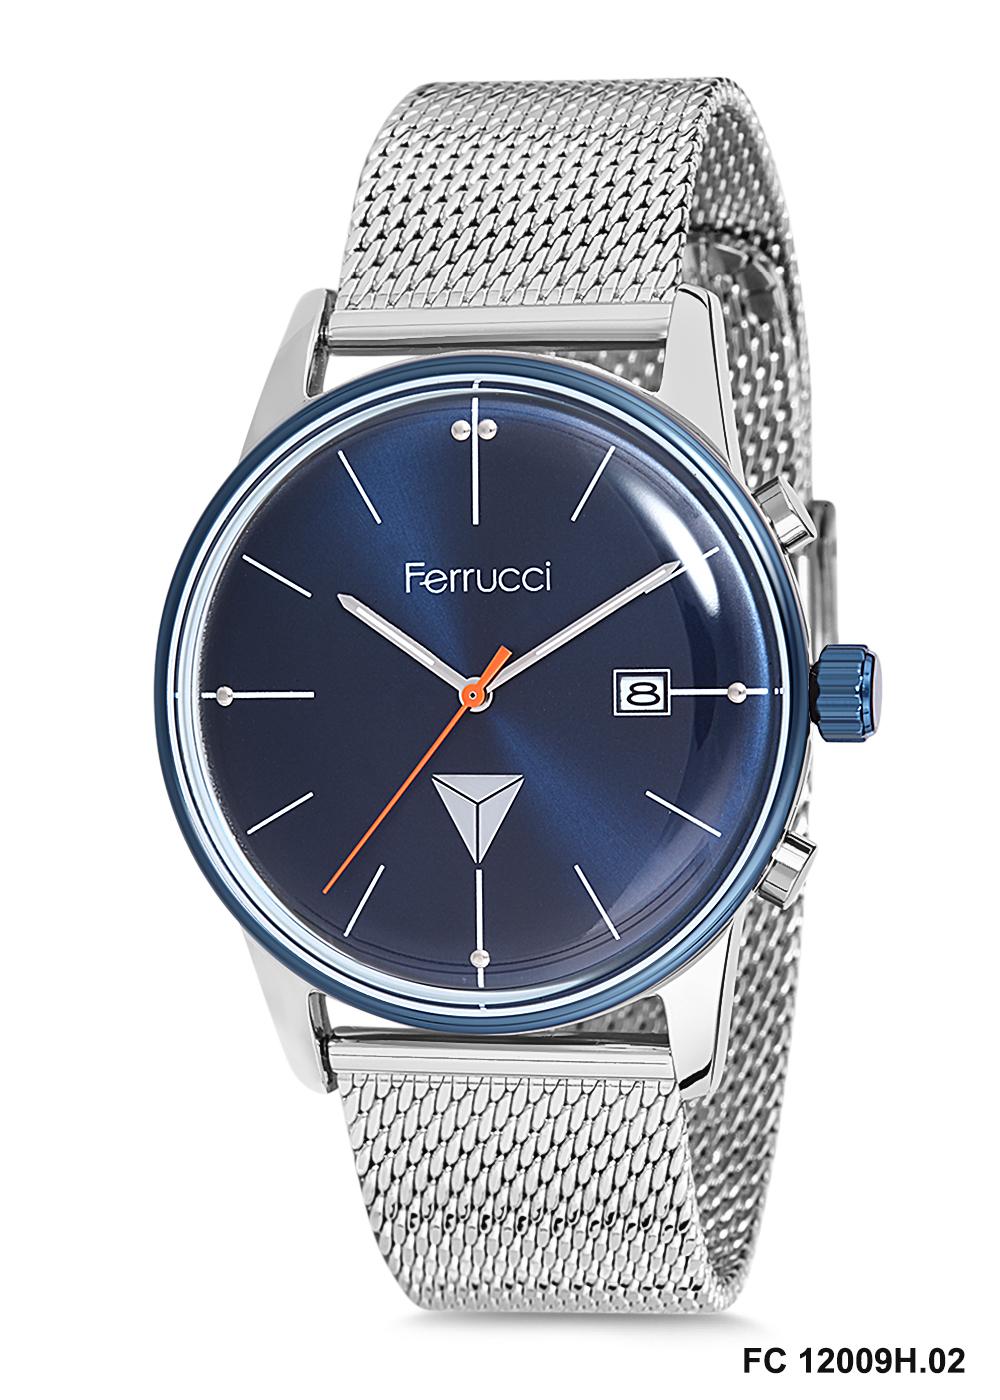 Saat Camı Seçenekleriyle Ferrucci Erkek Kol Saati